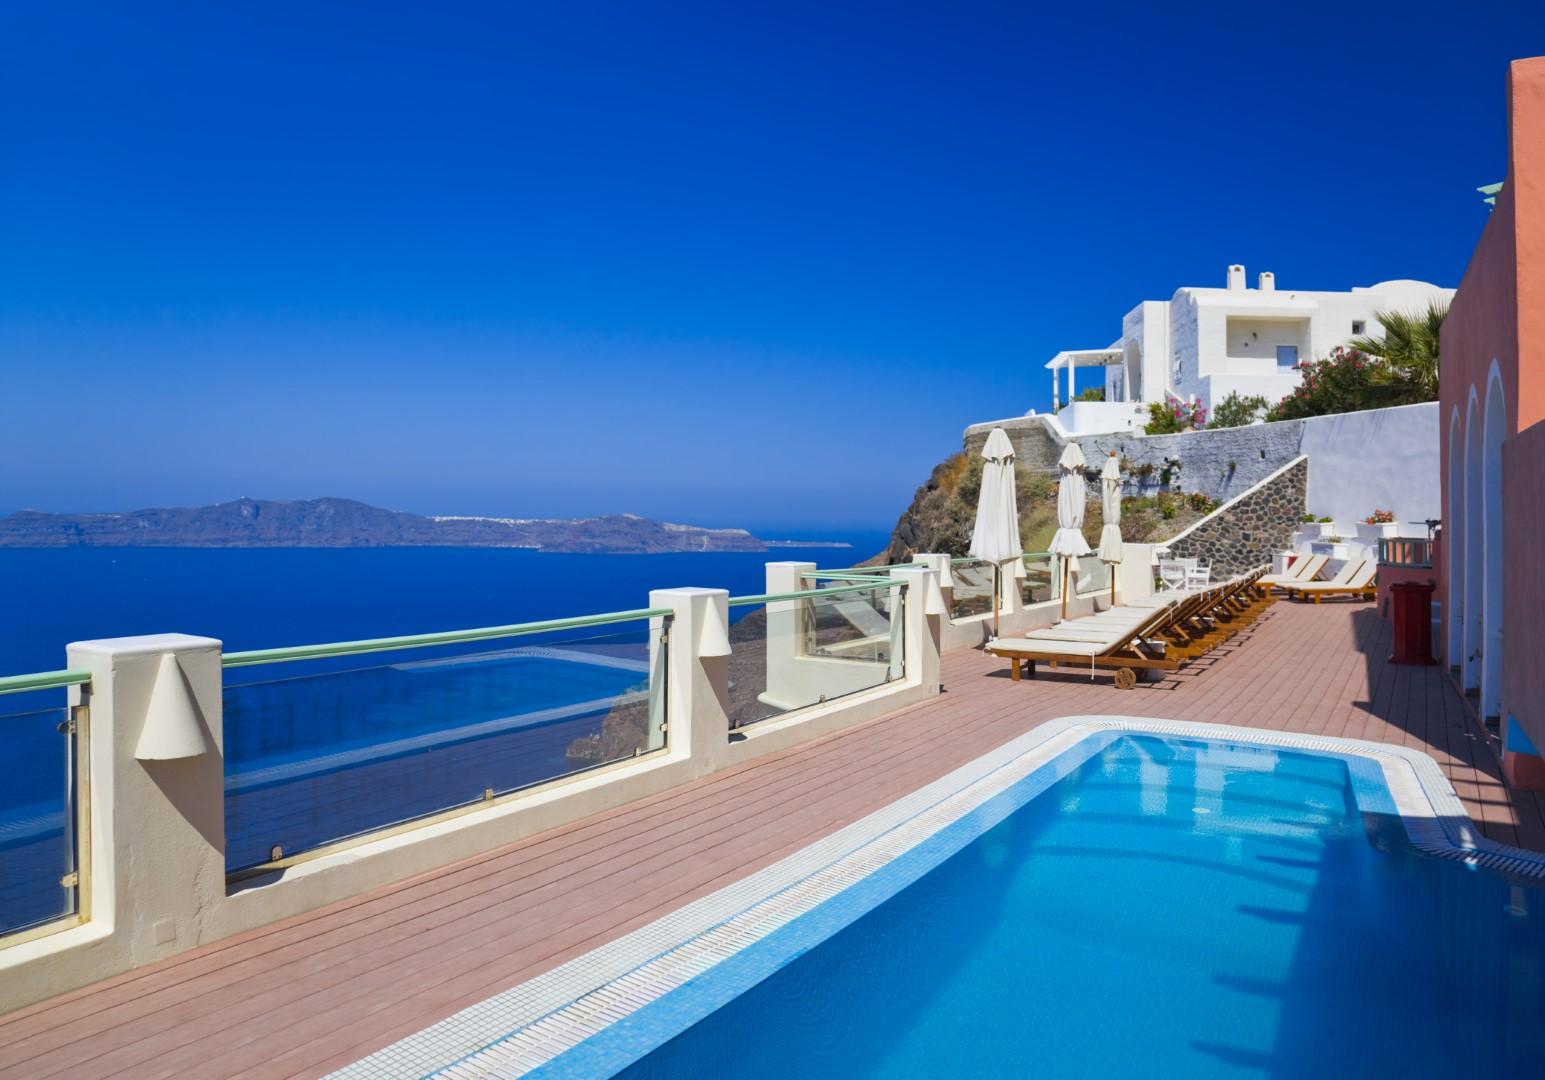 В Греции введена отсрочка уплаты НДС на недвижимость